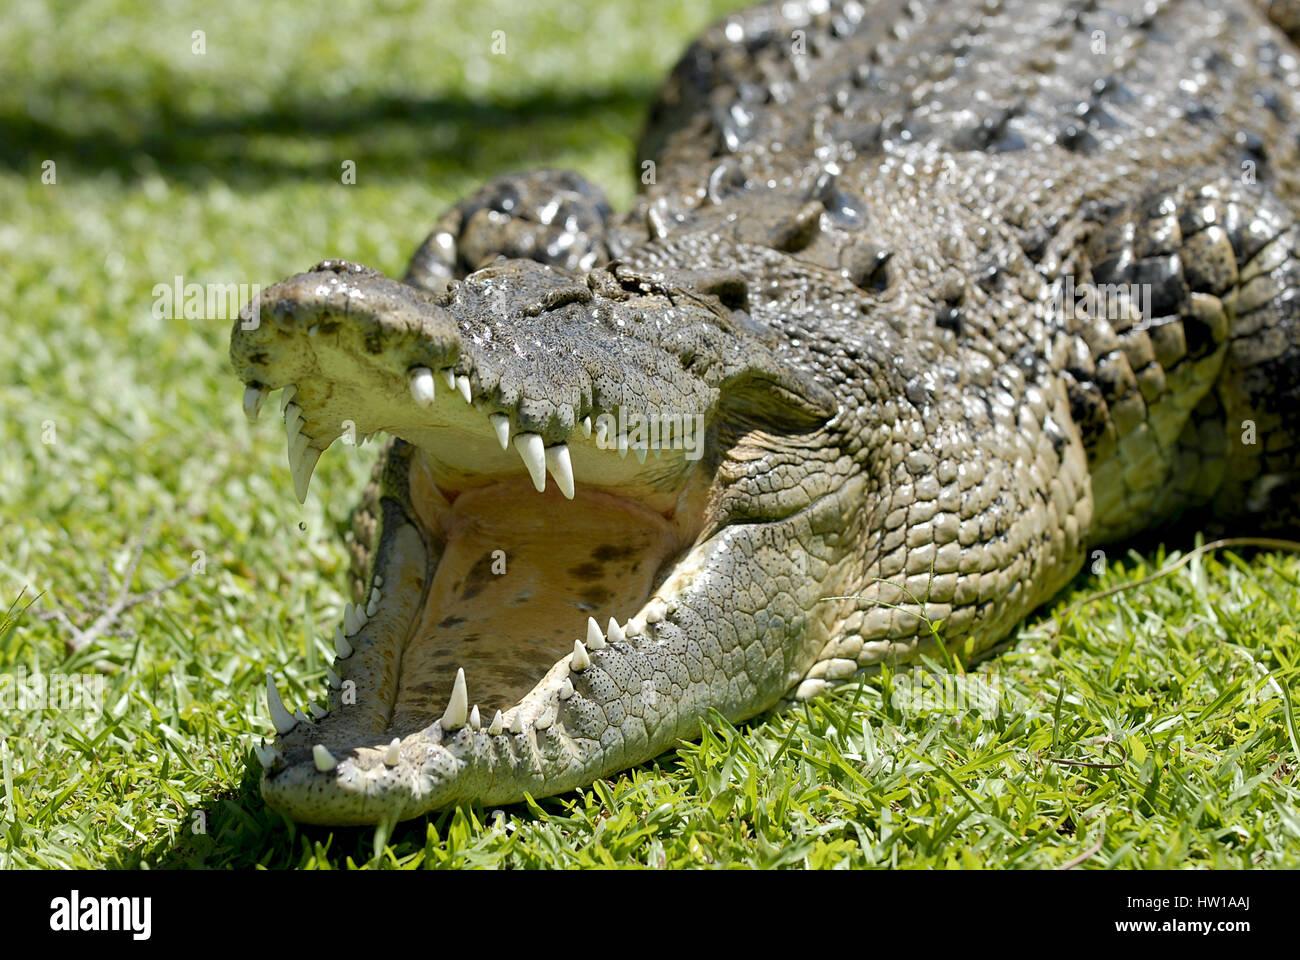 Cocodrilo, Krokodil Foto de stock